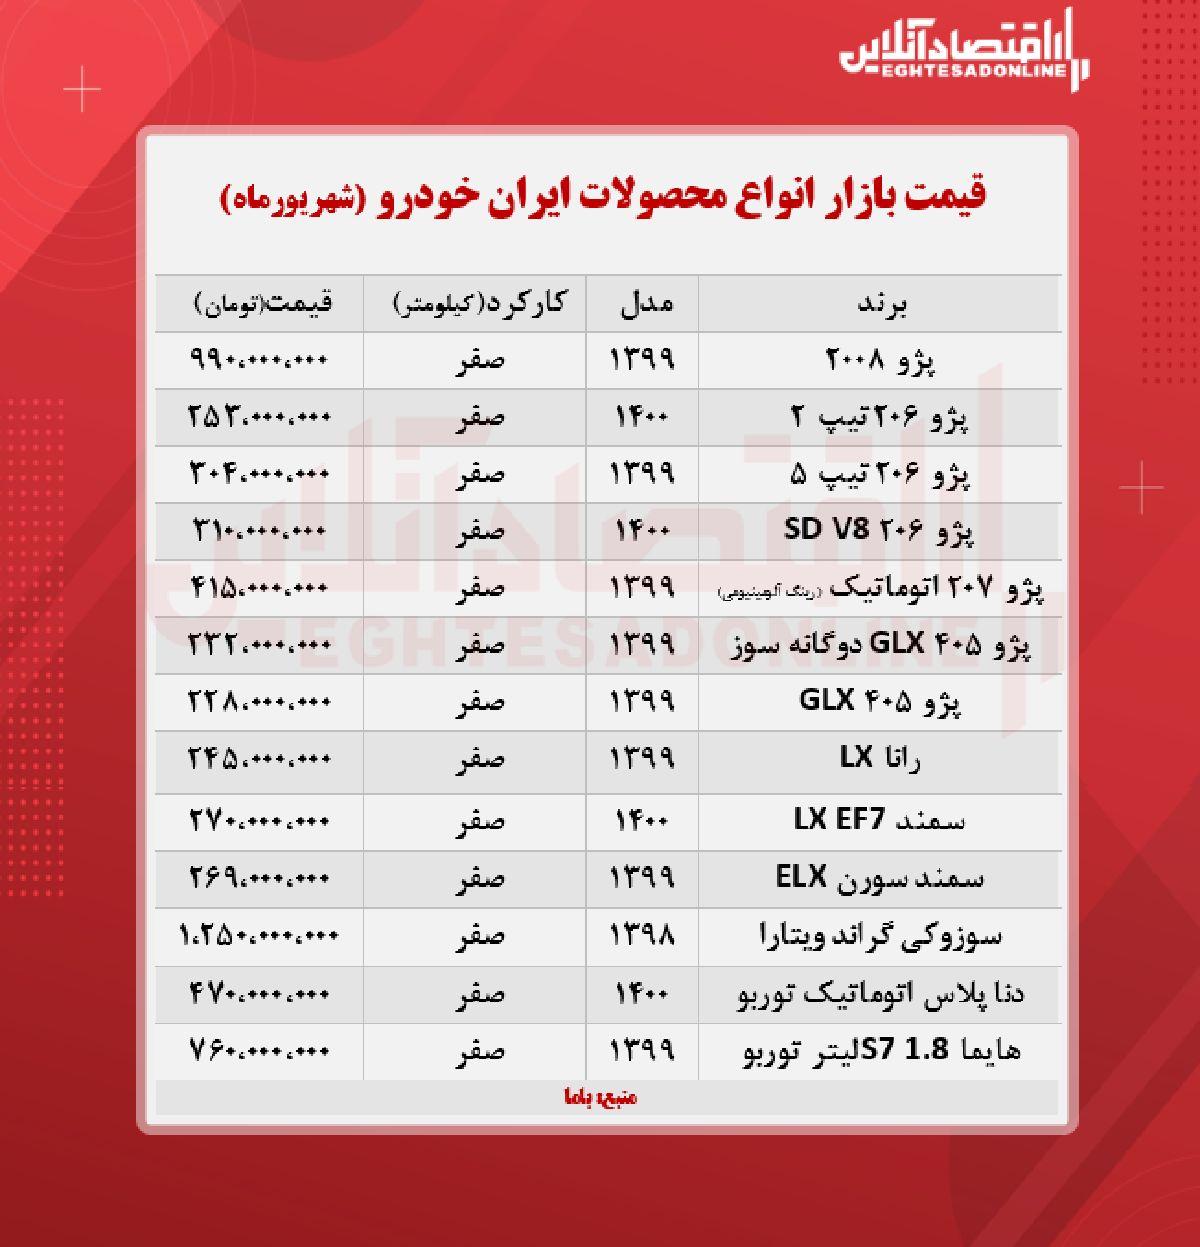 قیمت محصولات ایران خودرو امروز ۱۴۰۰/۶/۱۸